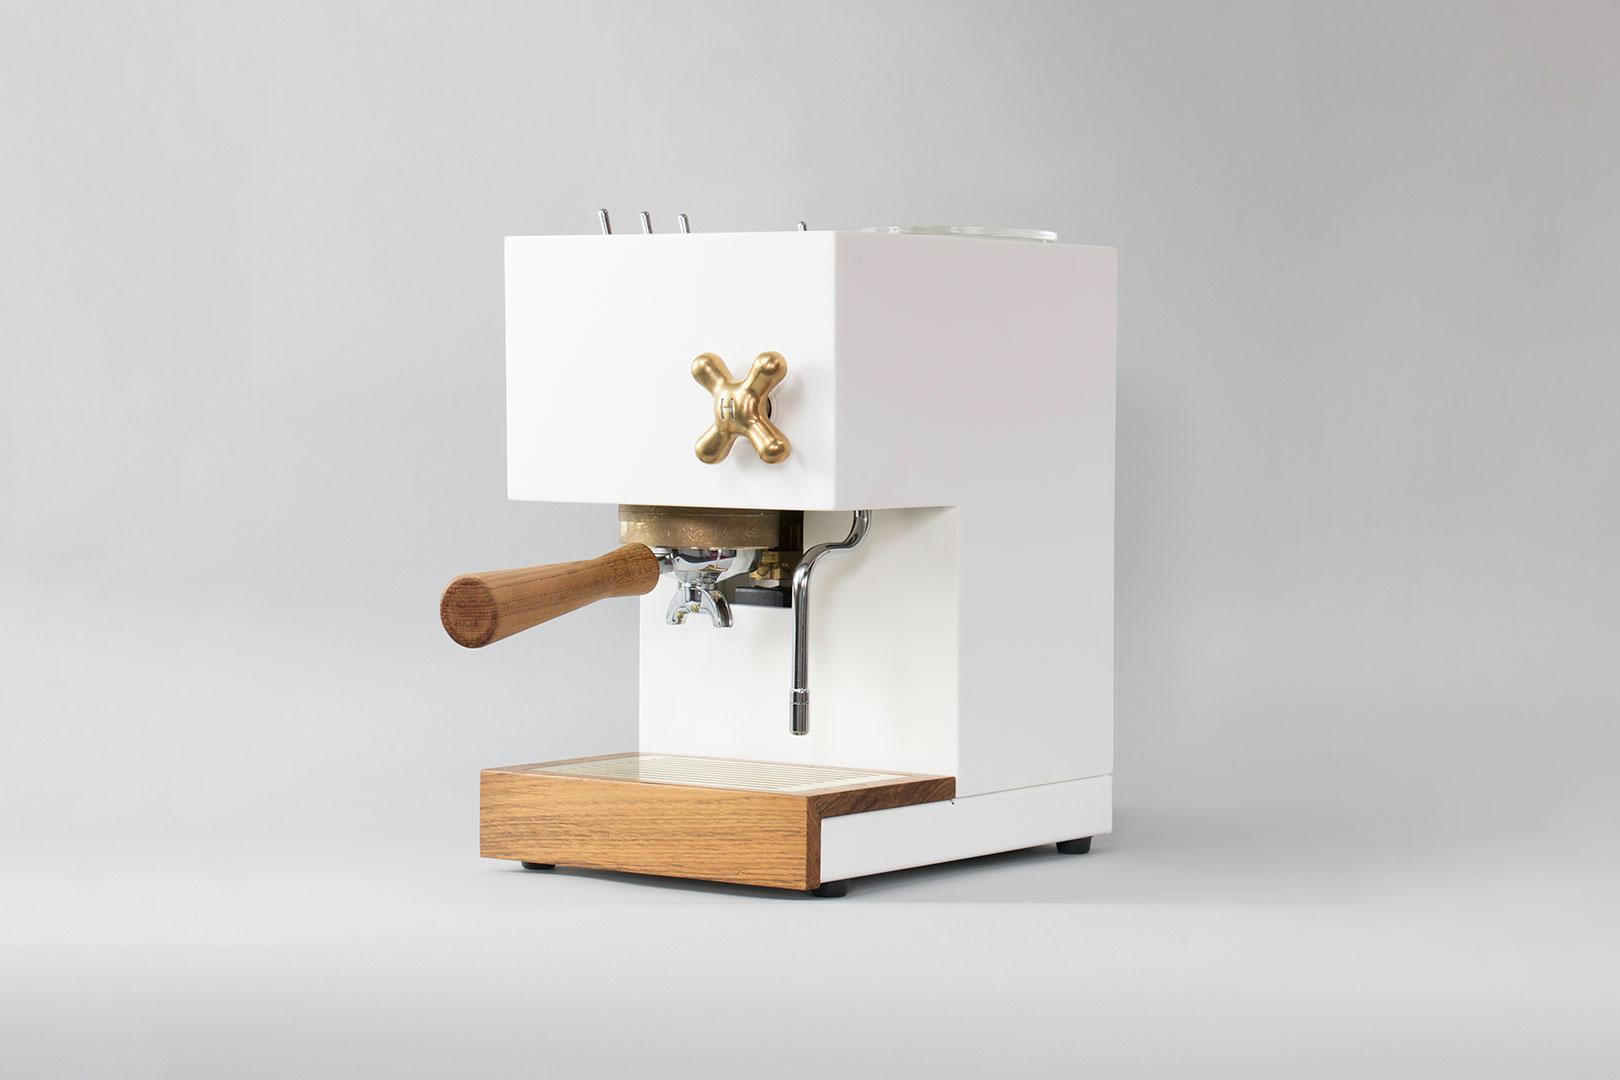 Kaffee für wahre Brutalisten – die Espressomaschine Anza